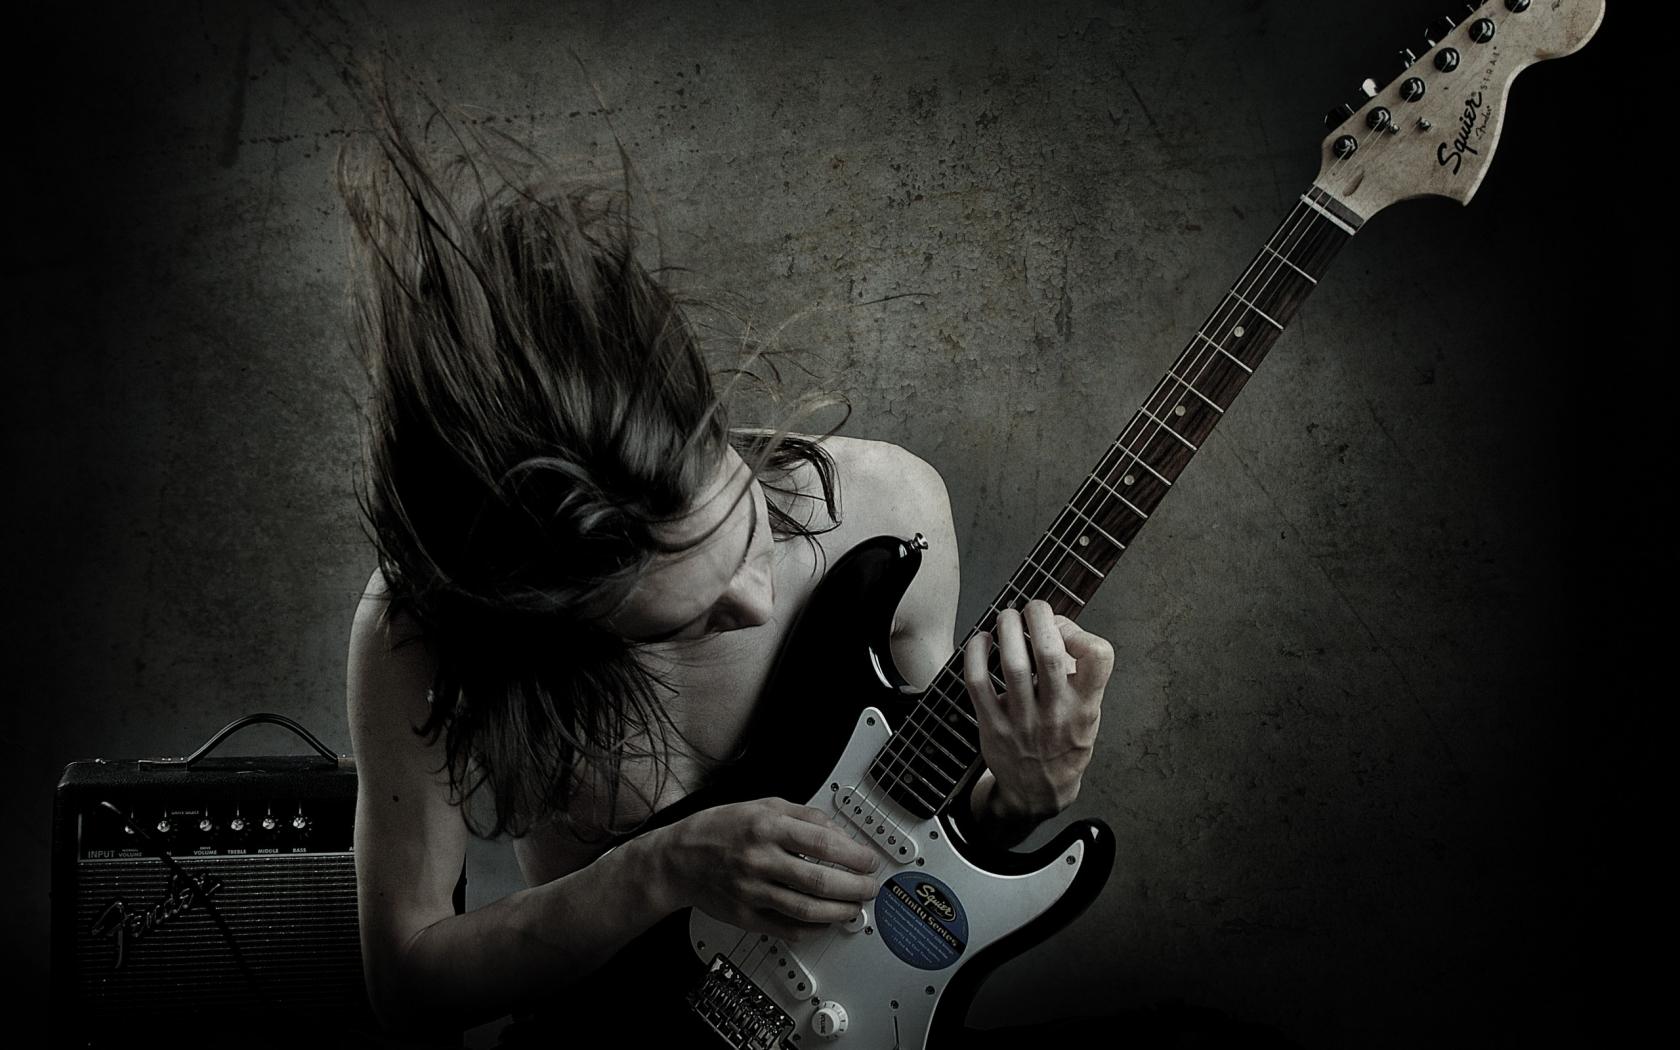 Un guitarrista con una Squier - 1680x1050